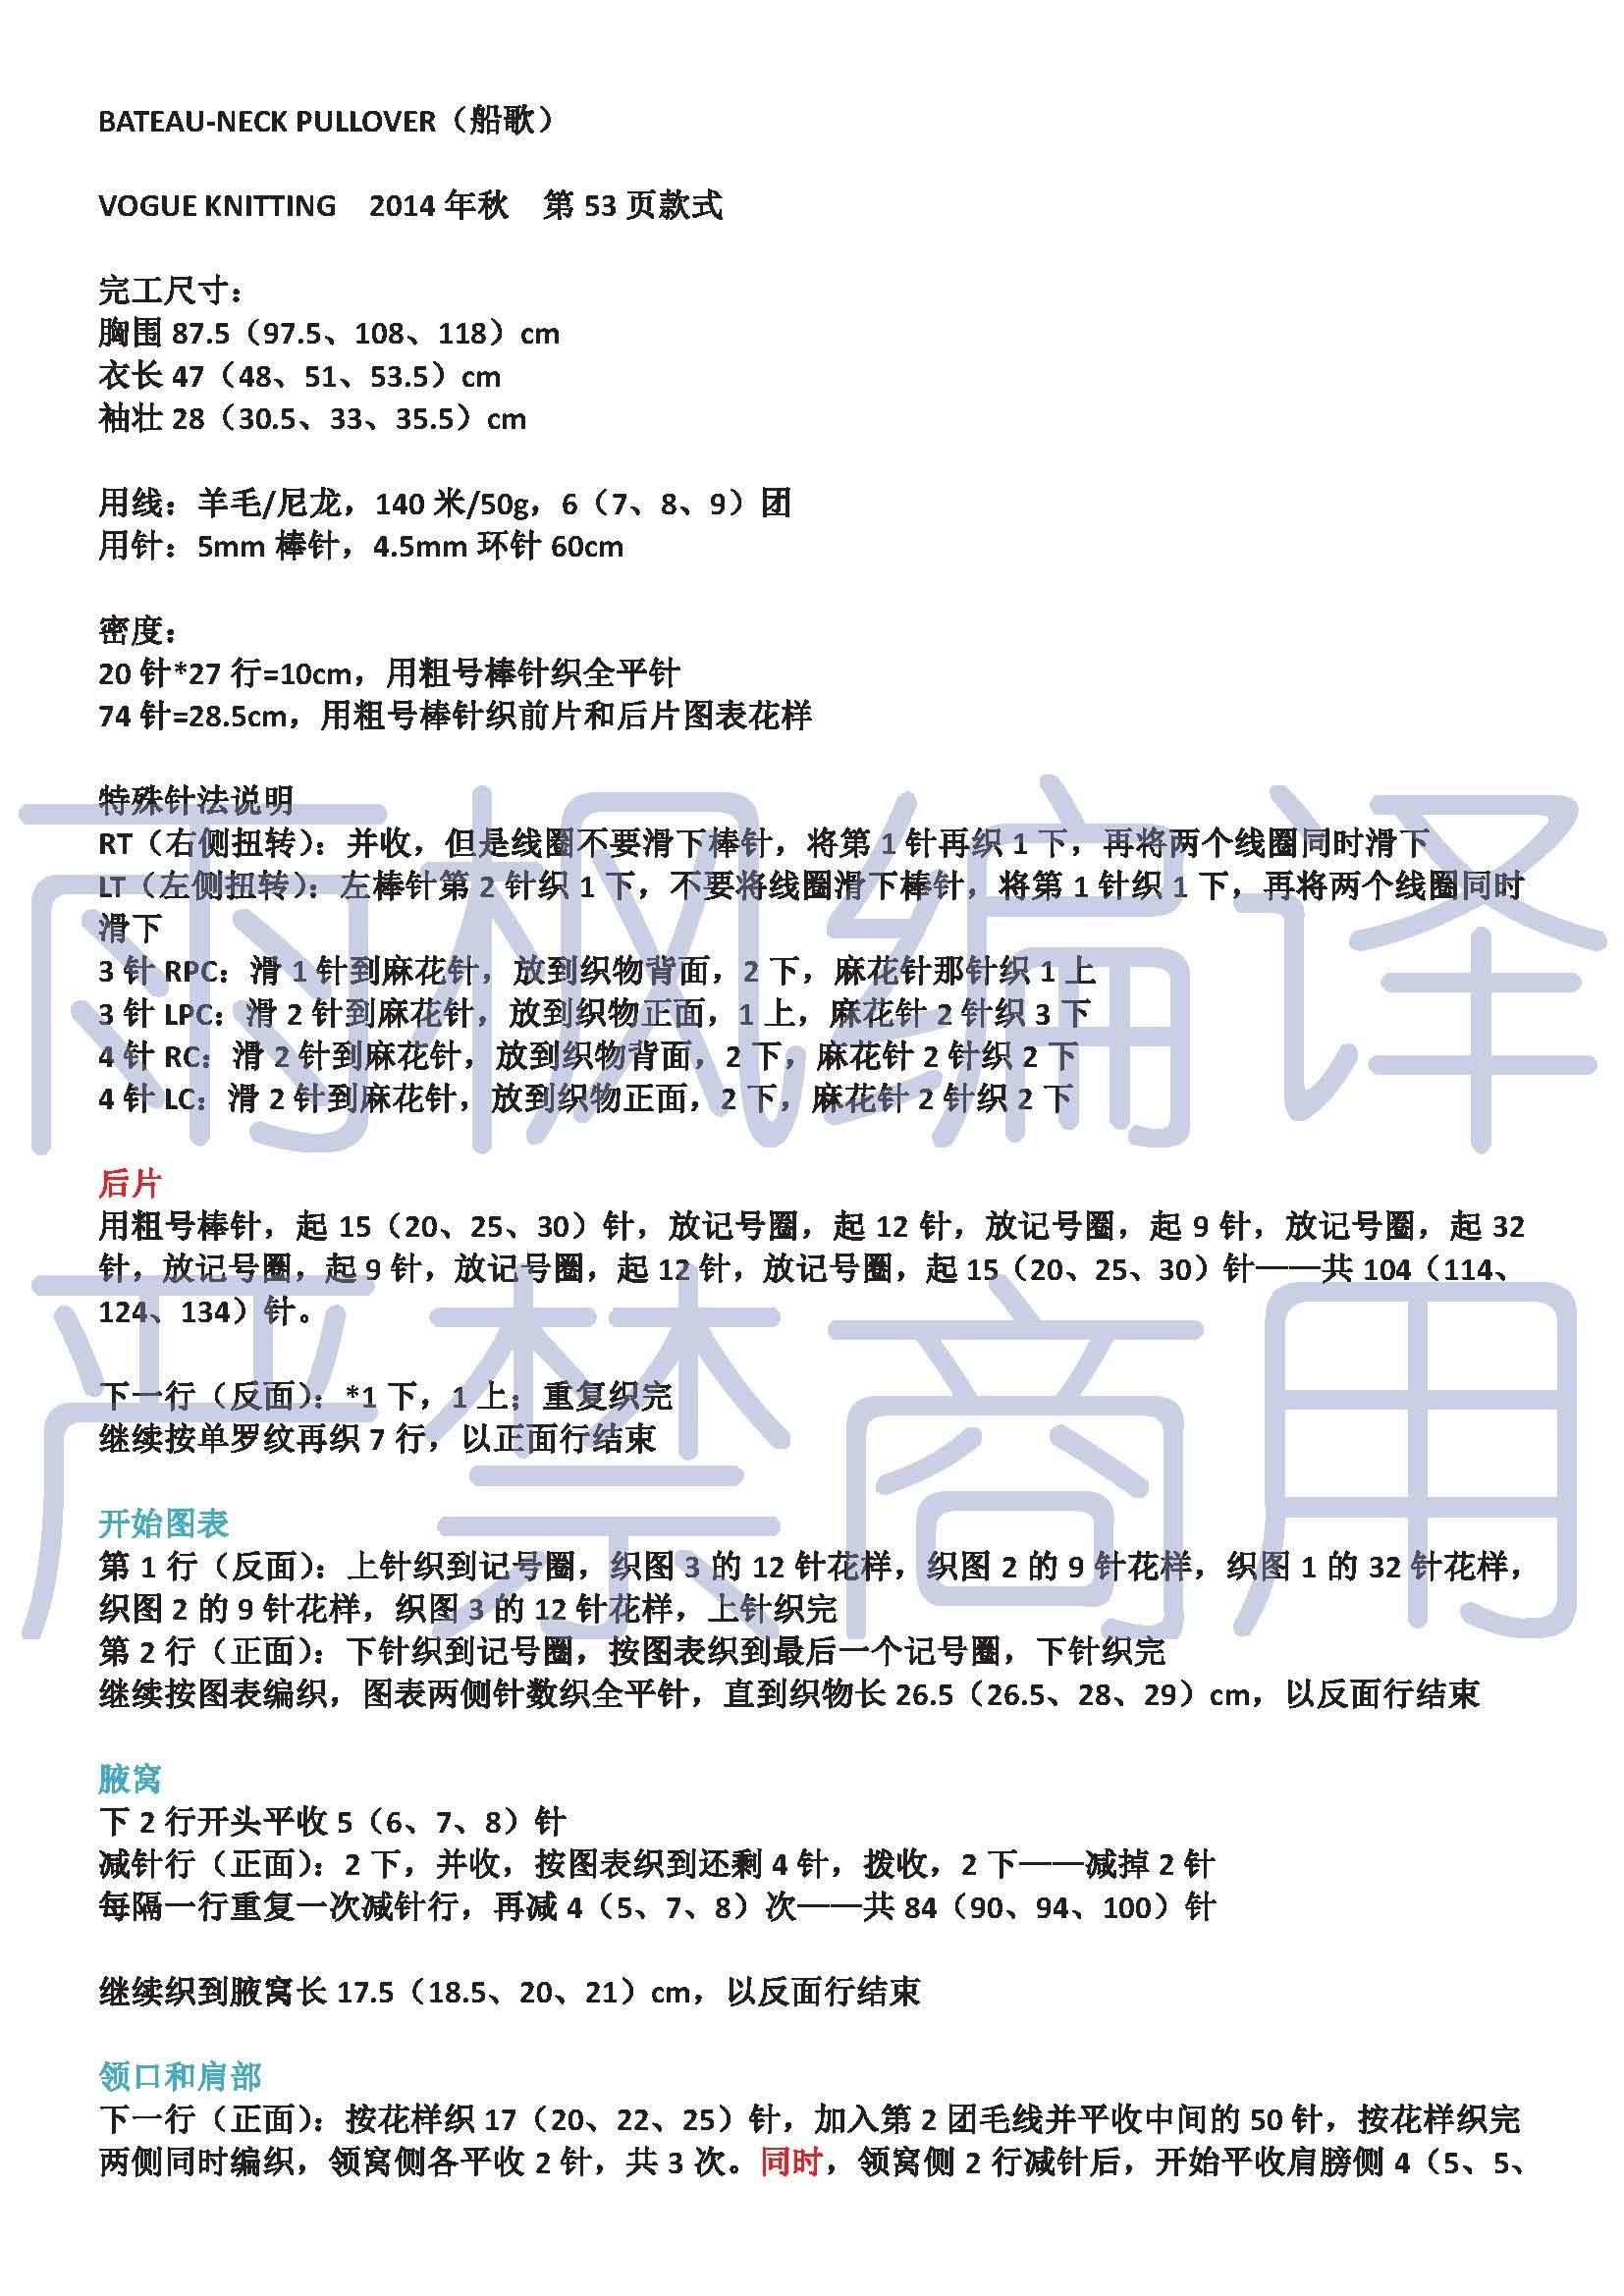 【凤凰于飞】云马之七色15- 船歌-1503